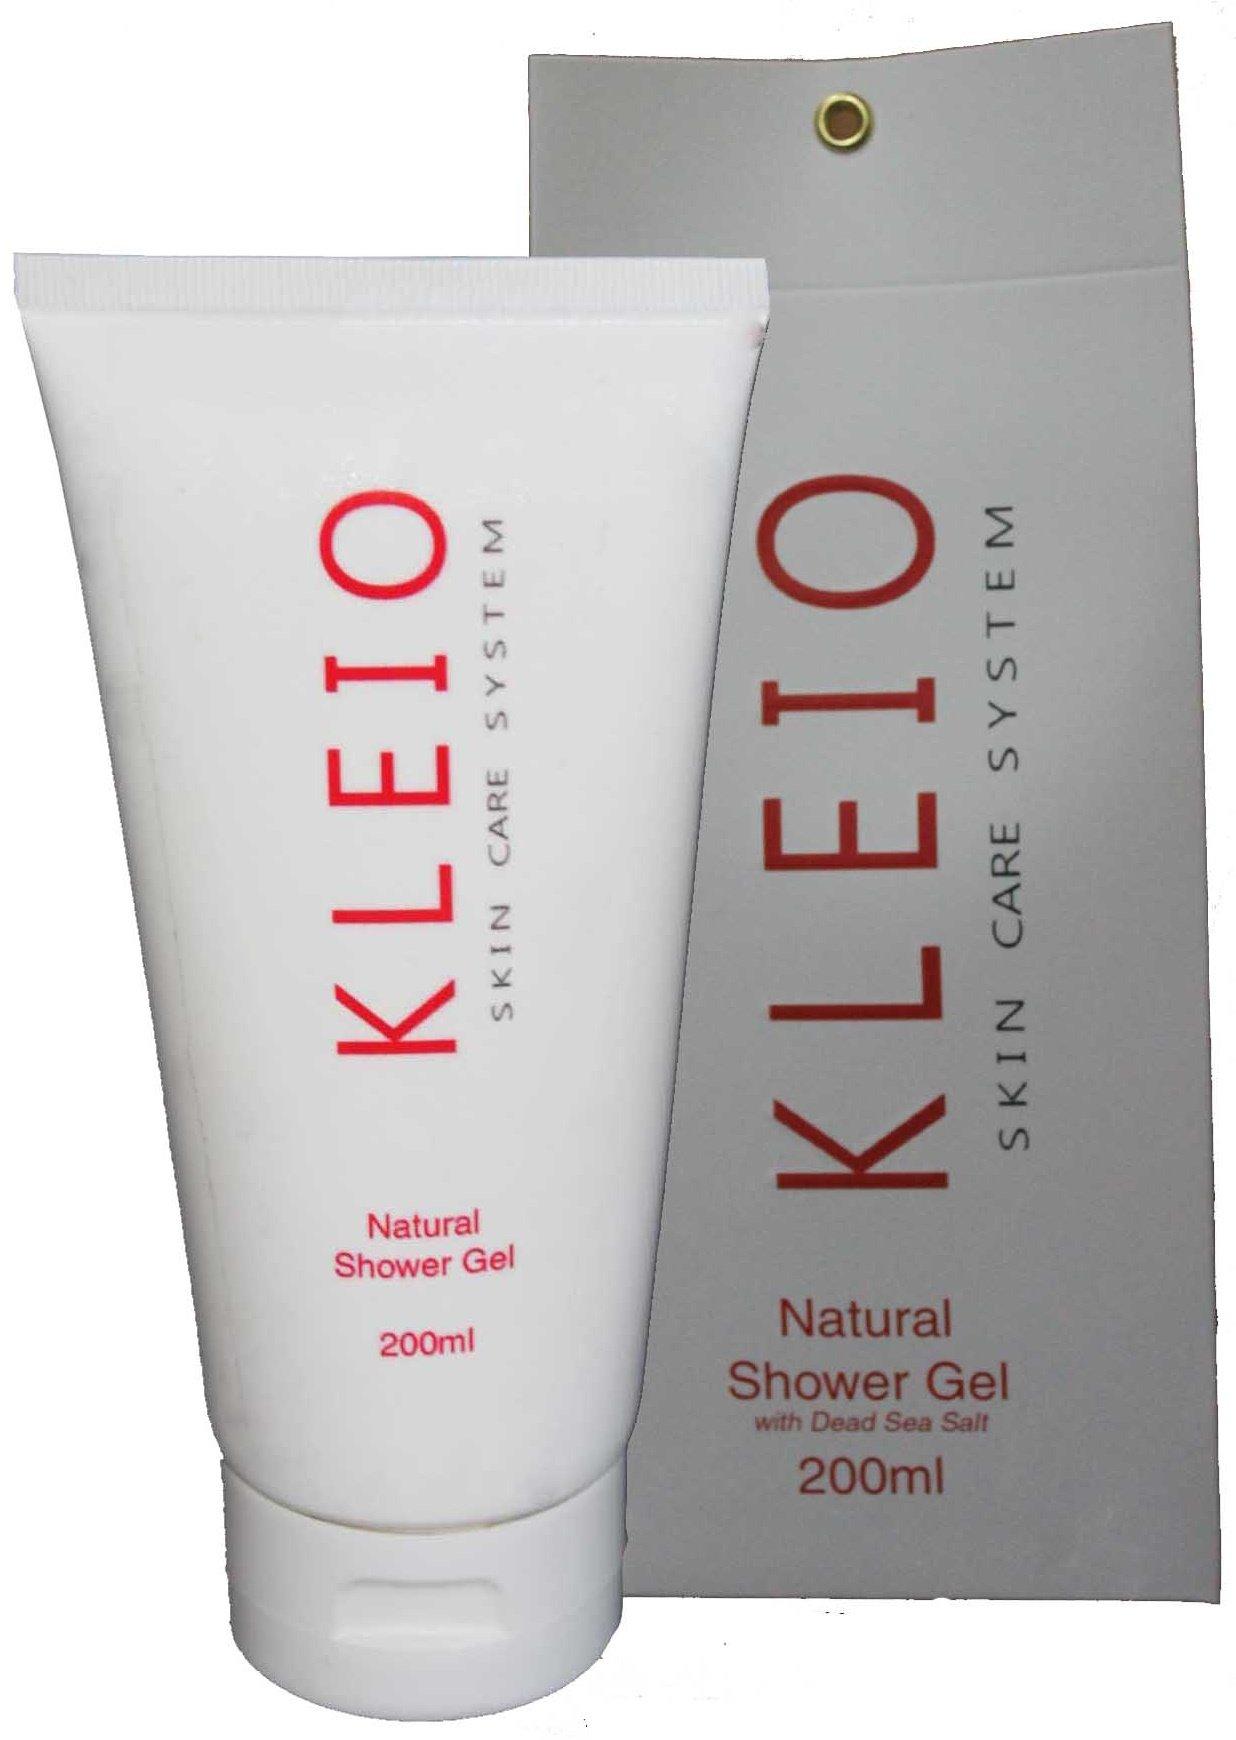 Natural Shower Gel with Dead Sea Salt KleioKleio<br>Гель для душа, очищающий, увлажняющий, питающий, освежающий,  применяется для волос и тела; тщательно и в тоже время мягко очищает, одновременно увлажняя и питая; придает коже ощущение гладкости и вид бархатистости; отлично освежает и снимает стрессовое состояние кожи; при многократном применении кожа становится более упругой и принимает естественное более здоровое состояние; содержит натуральные природные соли и минералы Мертвого моря.<br>        <br>Гель для душа, очищающий, увлажняющий, питающий, освежающий,&amp;nbsp; применяется для волос и тела; тщательно и в тоже время мягко очищает, одновременно увлажняя и питая; придает коже ощущение гладкости и вид бархатистости; отлично освежает и снимает стрессовое состояние кожи; при многократном применении кожа становится более упругой и принимает естественное более здоровое состояние; содержит натуральные природные соли и минералы Мертвого моря<br>В состав геля входят натуральные природные активные вещества, минералы и соли Мертвого моря. Он тщательно очищает и увлажняет кожу, обогащает ее полезными веществами, а также освобождает поры от излишек кожного жира и грязи с множеством химических и биологических патогенов. В результате поры эпидермиса открываются и улучшается поступление кислорода. Кожа вновь приобретает естественный здоровый вид, появляется ощущение гладкости и легкости.<br>В дальнейшем быстро восстанавливается слой кислотной защитной мантии на поверхности рогового слоя эпидермиса и выравнивается Ph баланс кожи. Влага дольше сохраняется в слоях эпидермиса и восстанавливается гидробаланс, а это в свою очередь приводит к улучшению метаболизма и повышению иммунного ответа кожи.<br>Подходит для всех типов кожи.<br>Способ применения: равномерно нанести на влажную кожу обильно вспенив, затем смыть водой.<br>Лечебно-профилактический эффект:&amp;nbsp;После длительного применения у многих людей наблюдалось исчезновение таких кожных заболеваний как экзема и раздраже